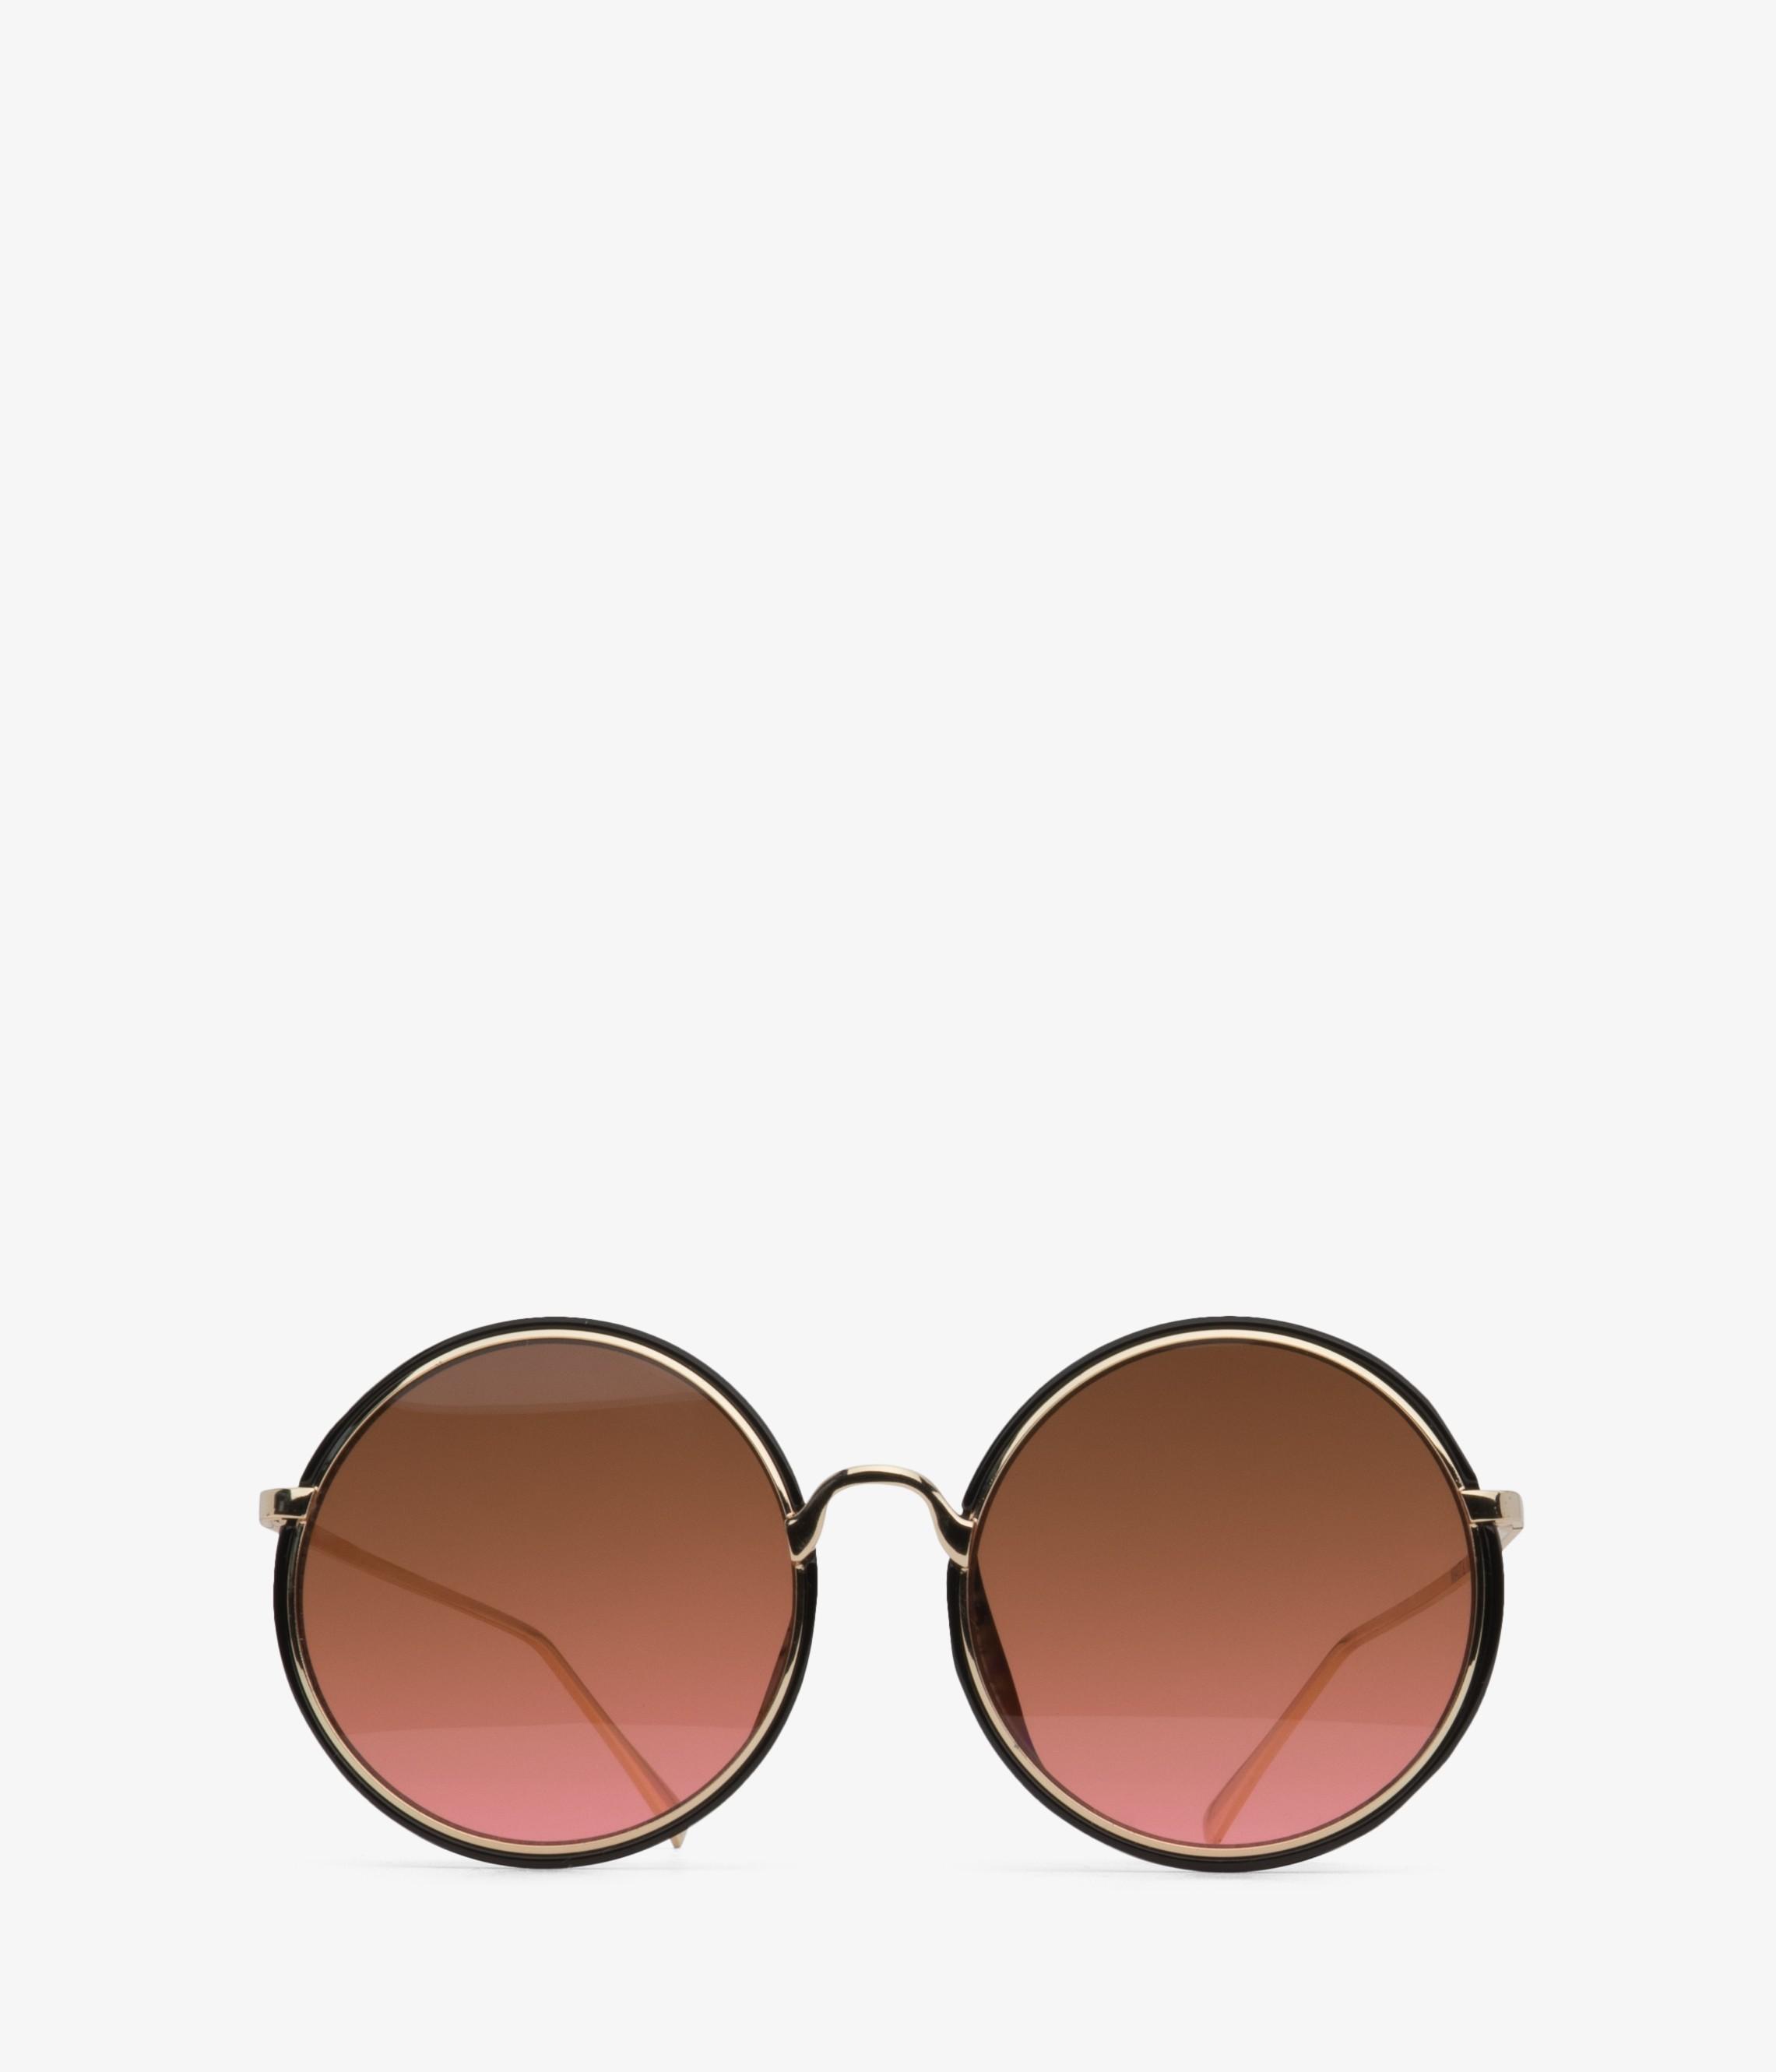 Matt & Nat Cadel Sunglasses